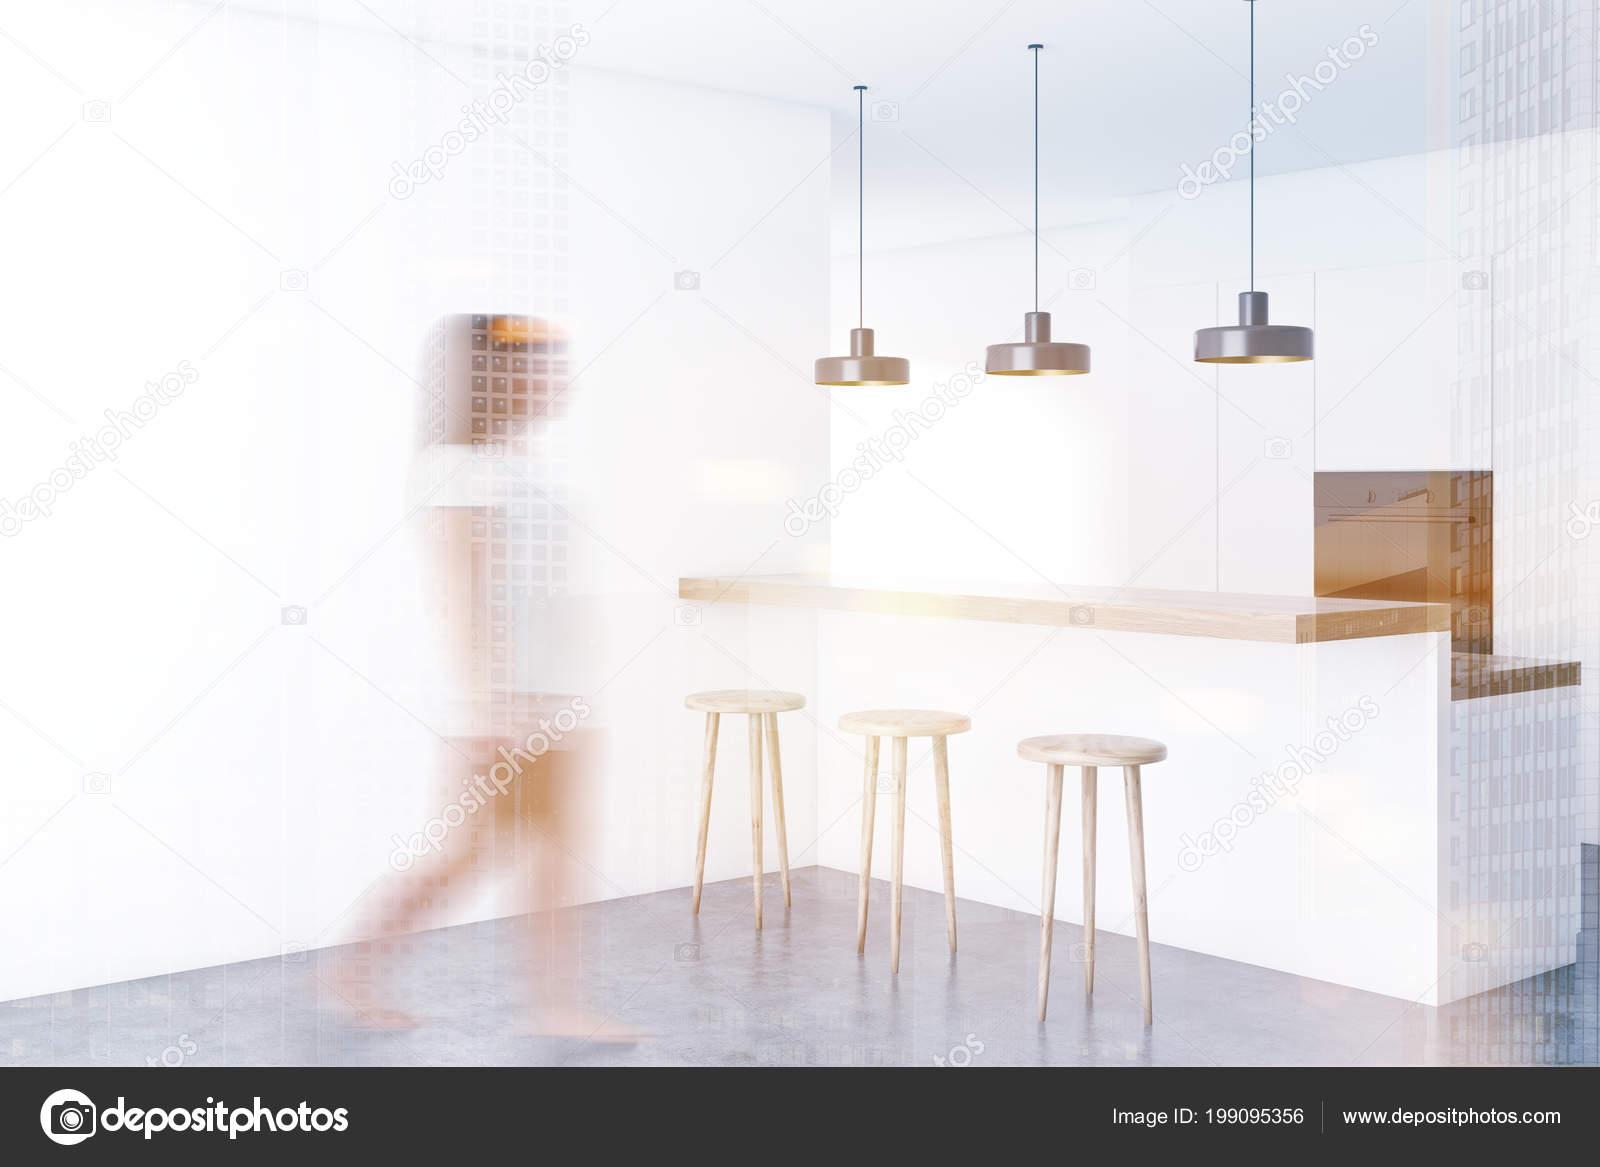 hanging kitchen light porcelain floor 厨房角落里有白色的墙壁一层水泥地板一条有凳子的白色酒吧上面挂着一排灯 厨房角落里有白色的墙壁 一层水泥地板 一条有凳子的白色酒吧 上面挂着一排灯 一个女人在走路 3d 渲染模拟色调图像双曝光模糊